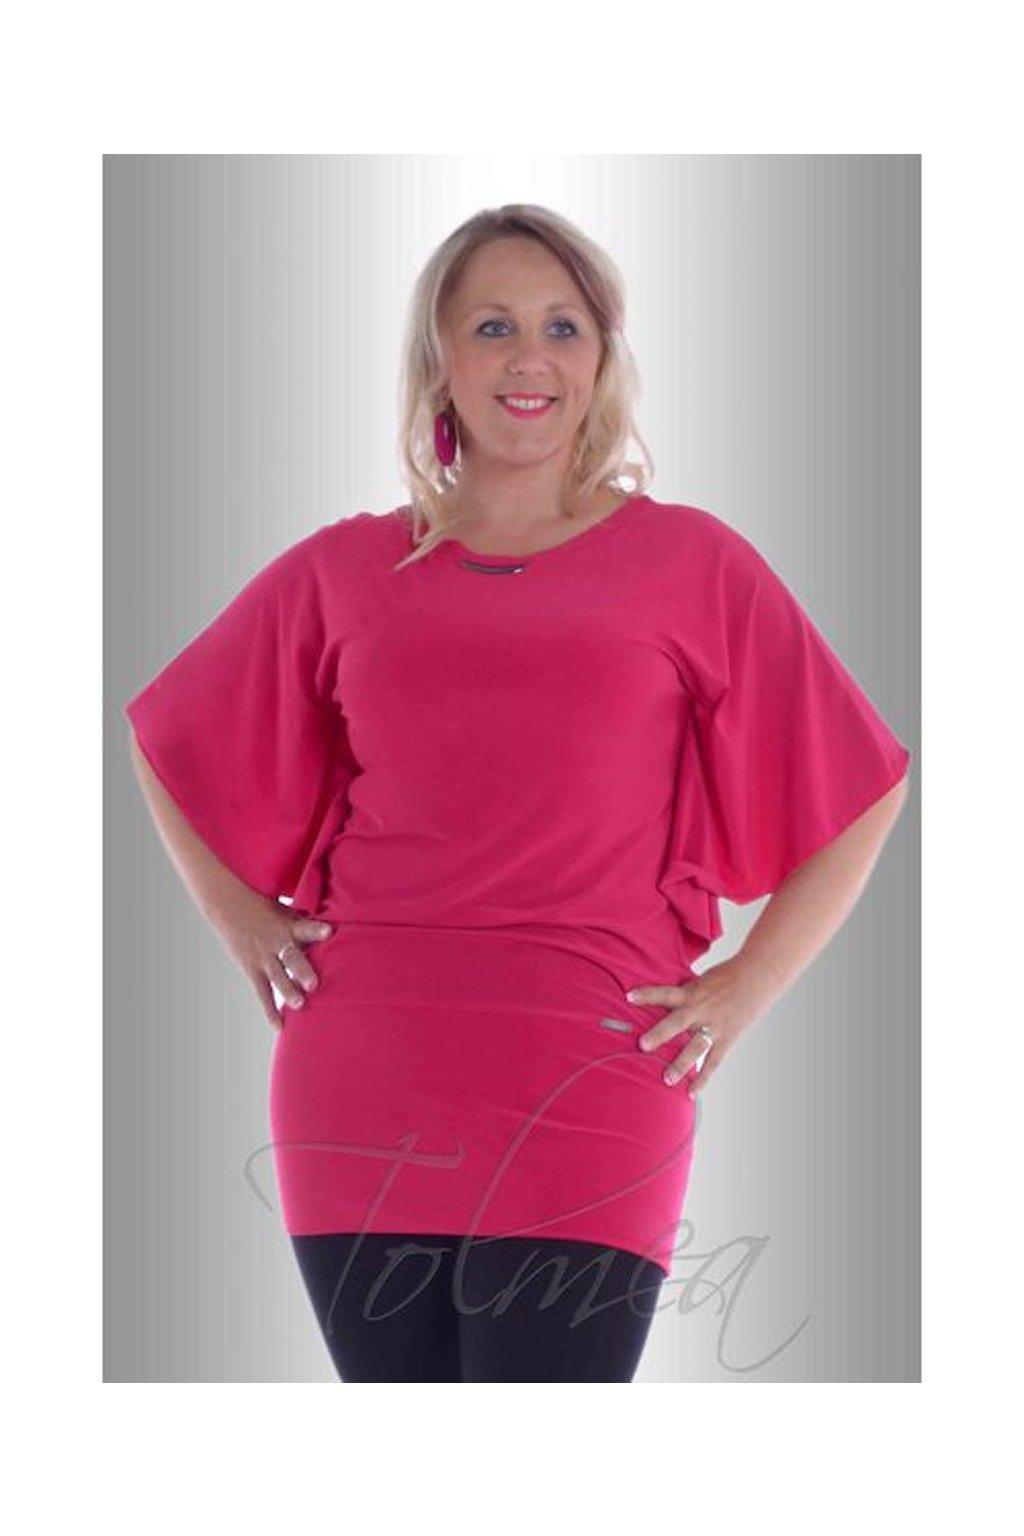 Kimono společenské volné 8917 (Velikost 36, Barva Růžová)